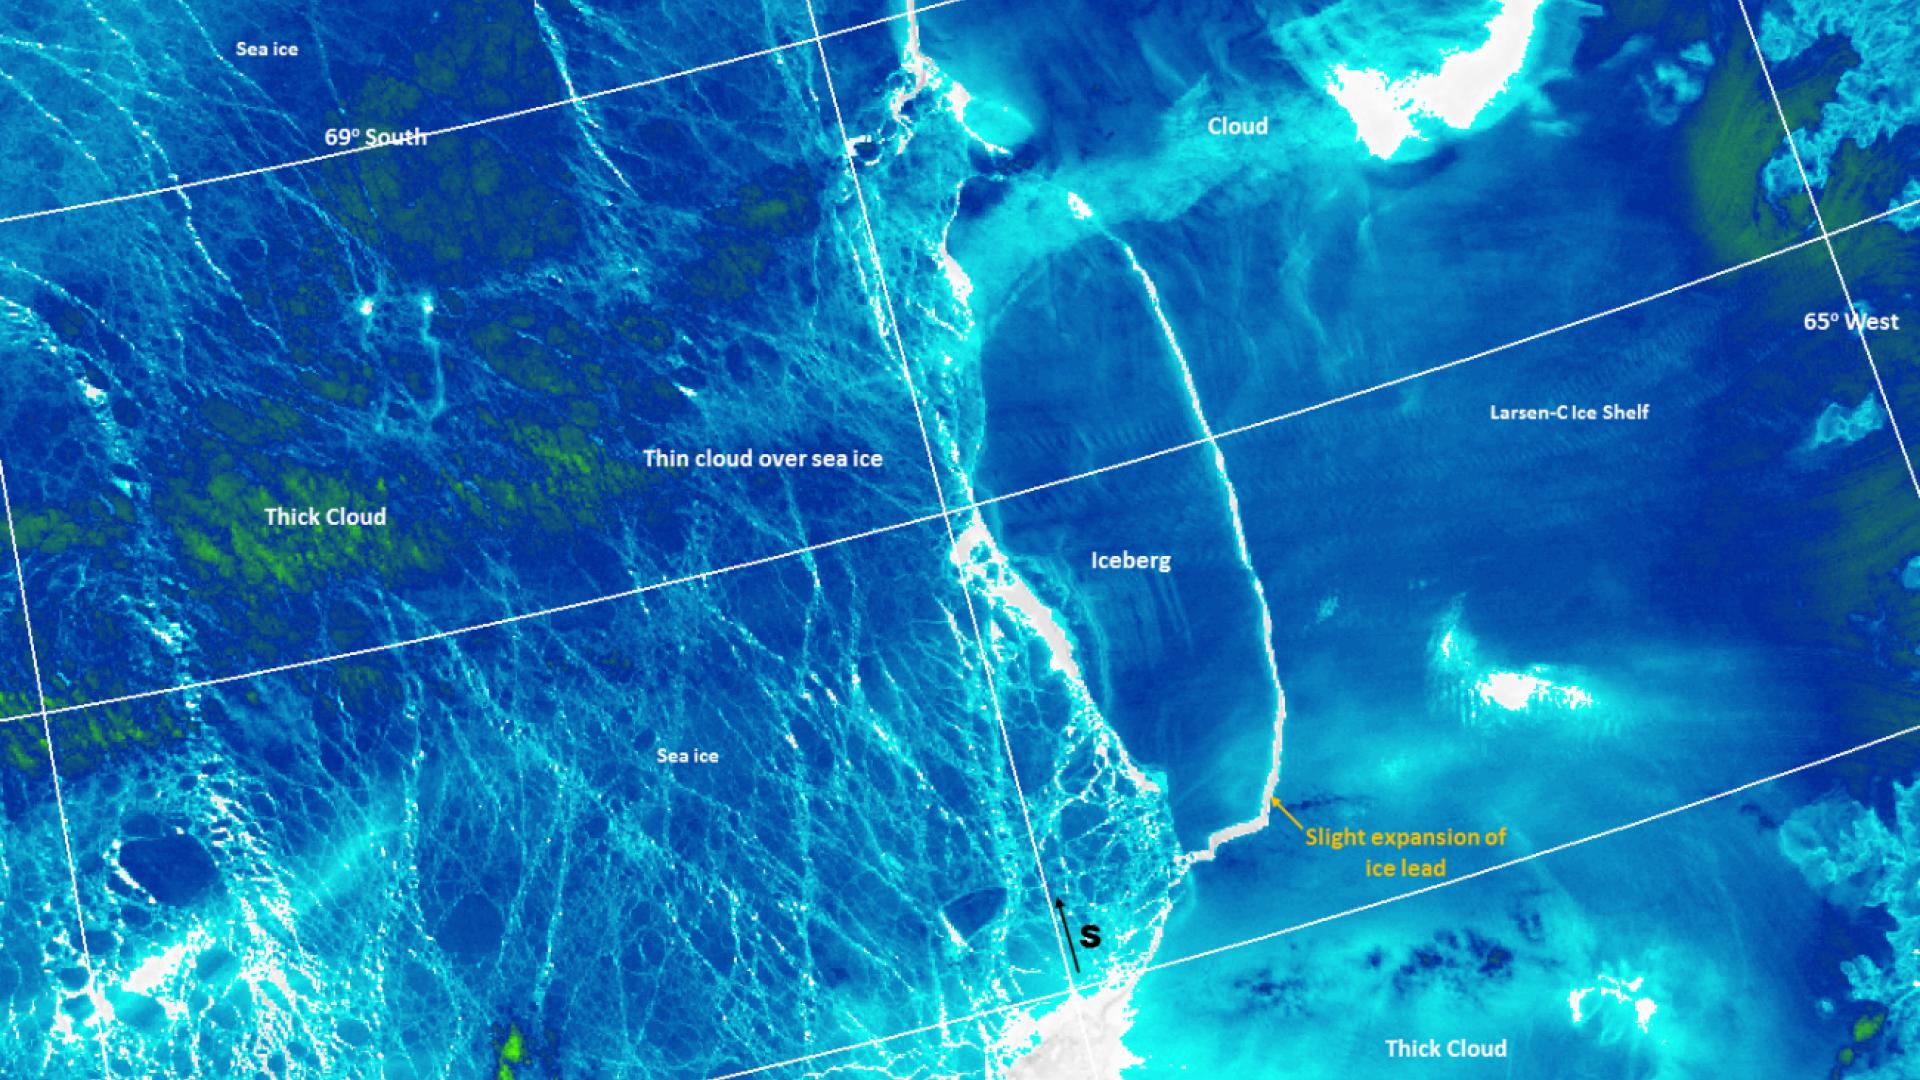 Huge iceberg breaks off Larsen ice shelf in Antarctica